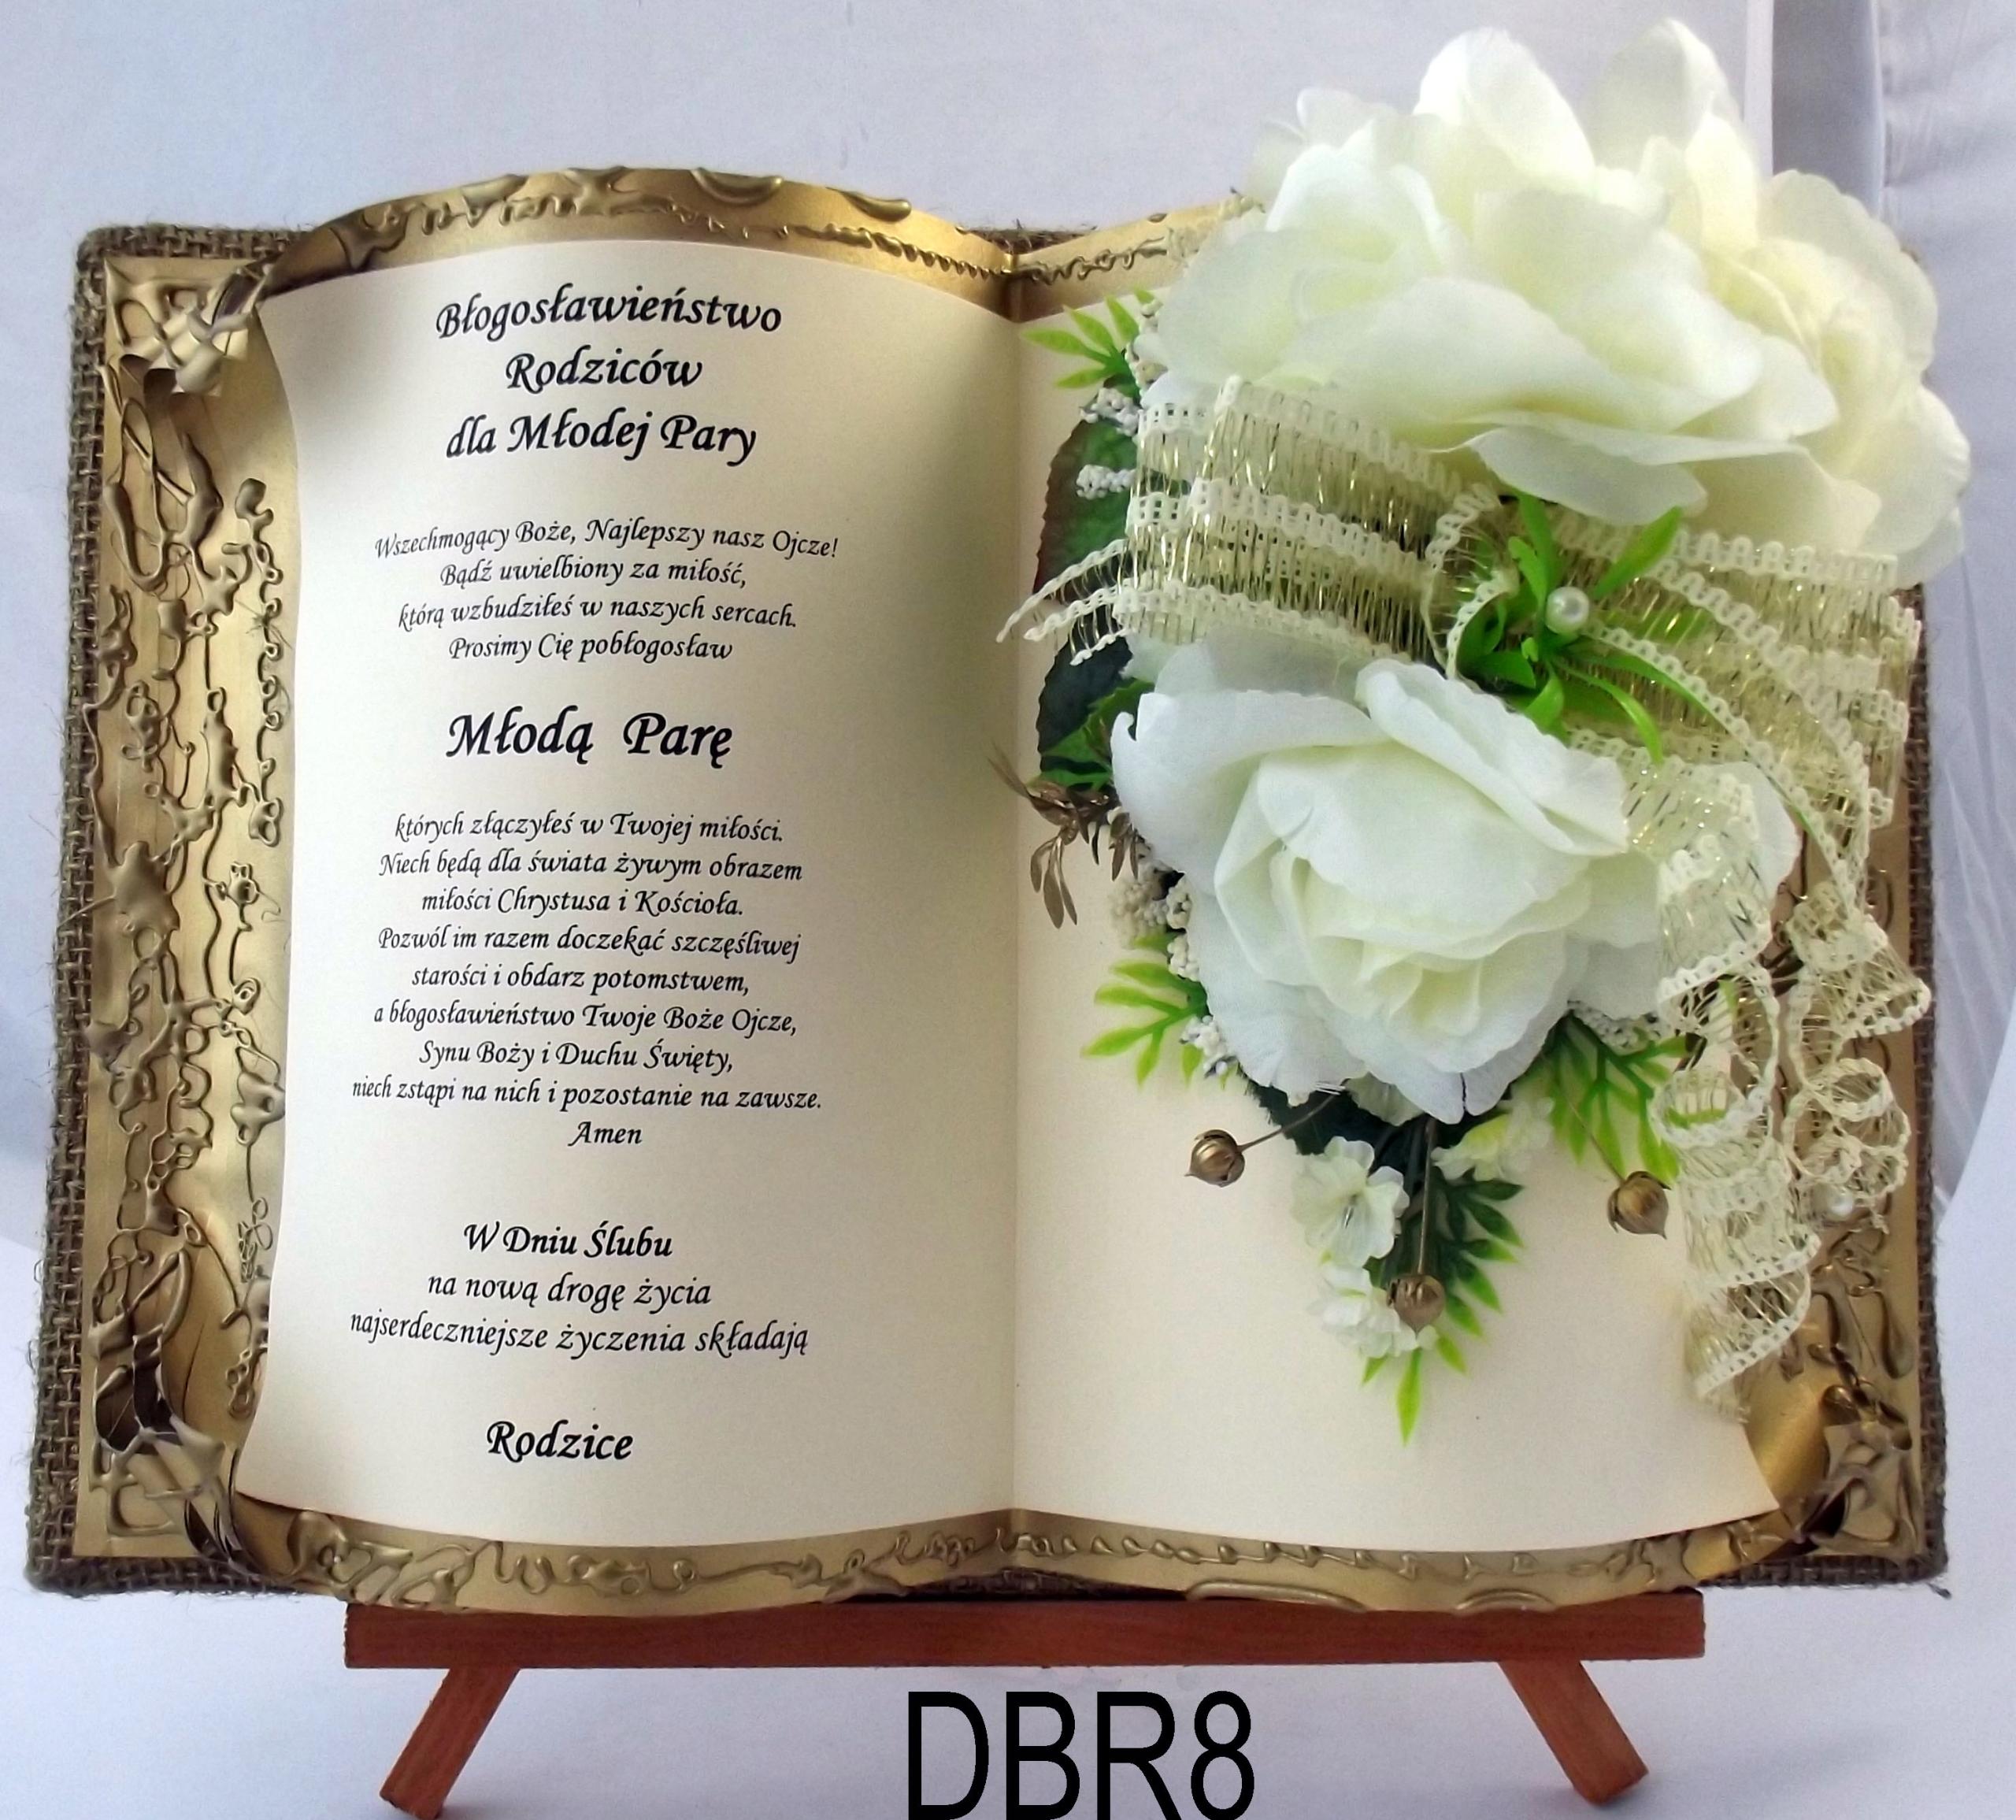 всех поздравление на свадьбу иегова родитель подарил культуре